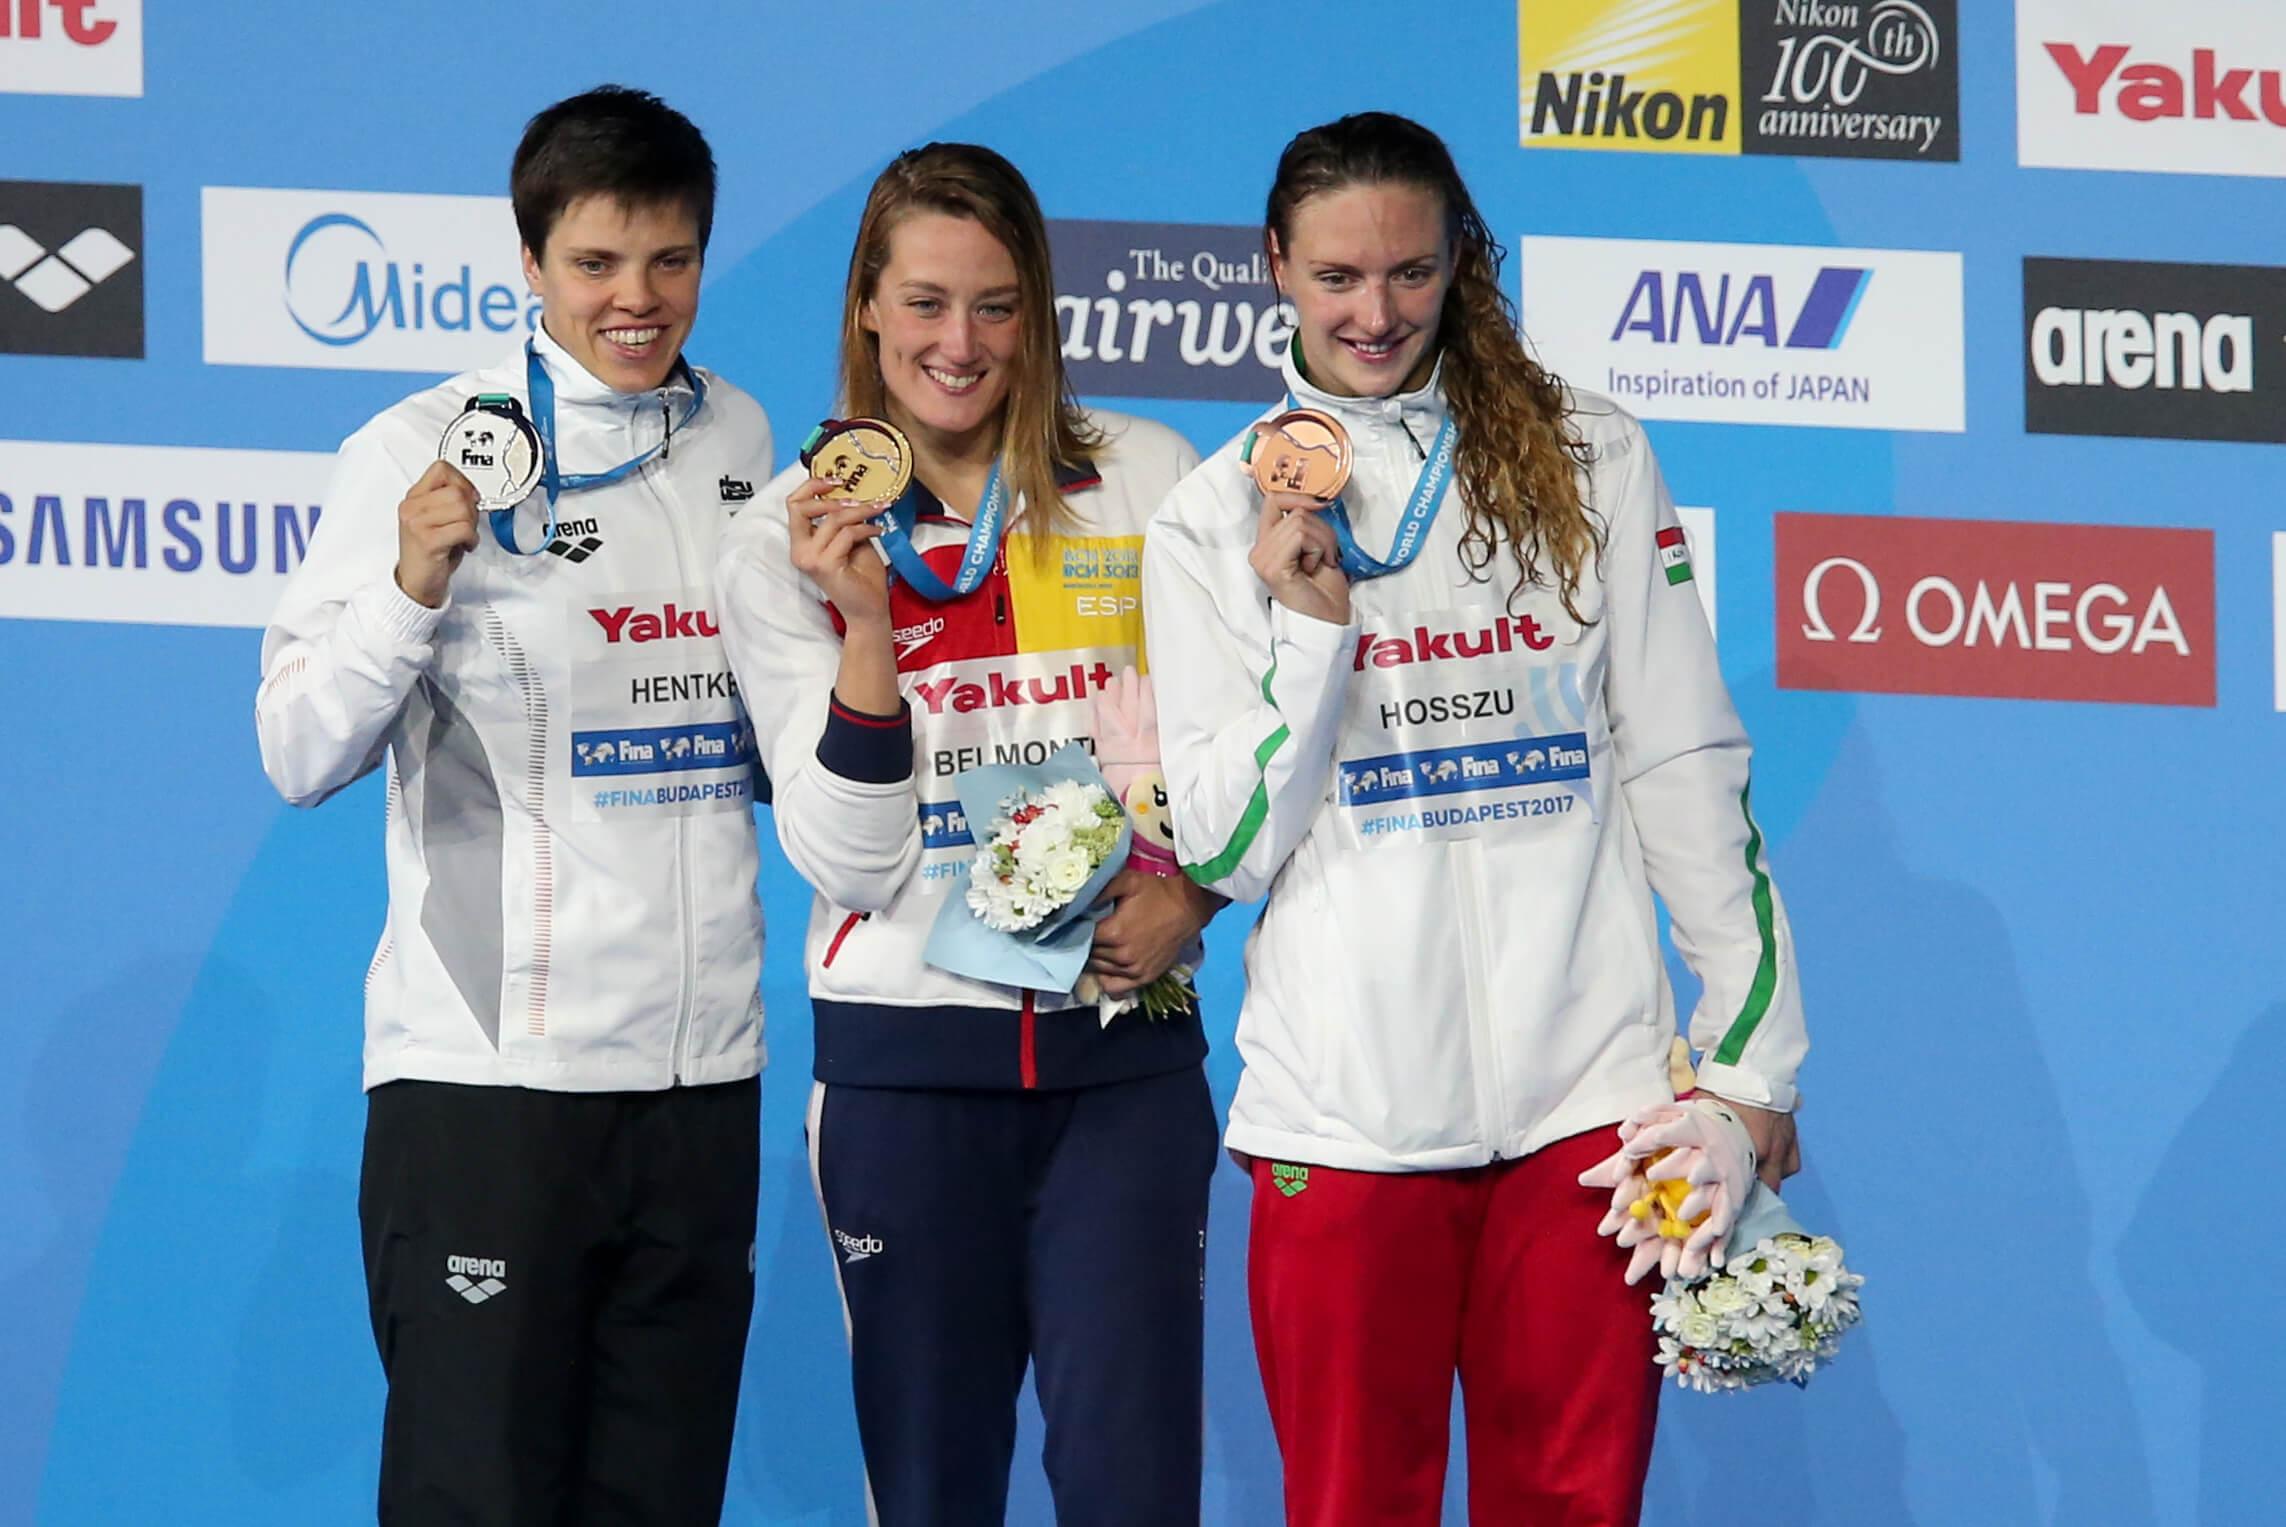 Франциска-hentke-гер-Мирея Белмонте--ESP-Катинка-Хосзу-хунските-медали на 2017 г. свята шампиони